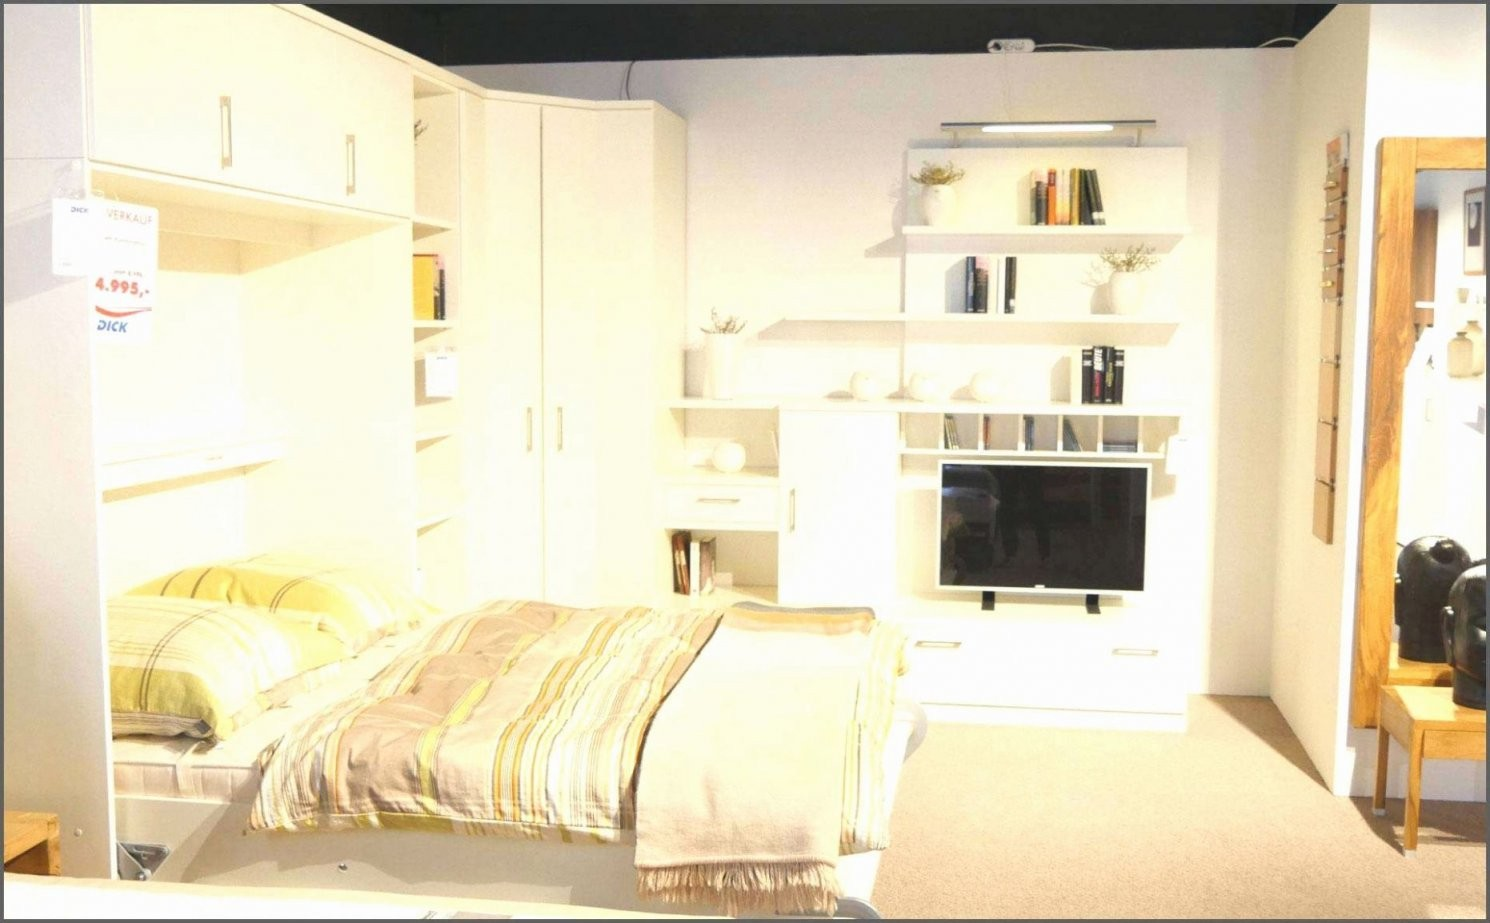 28 Luxus Bett Platzsparend — Yct Projekte Schrank Mit Bett von Platzsparendes Bett Selber Bauen Photo